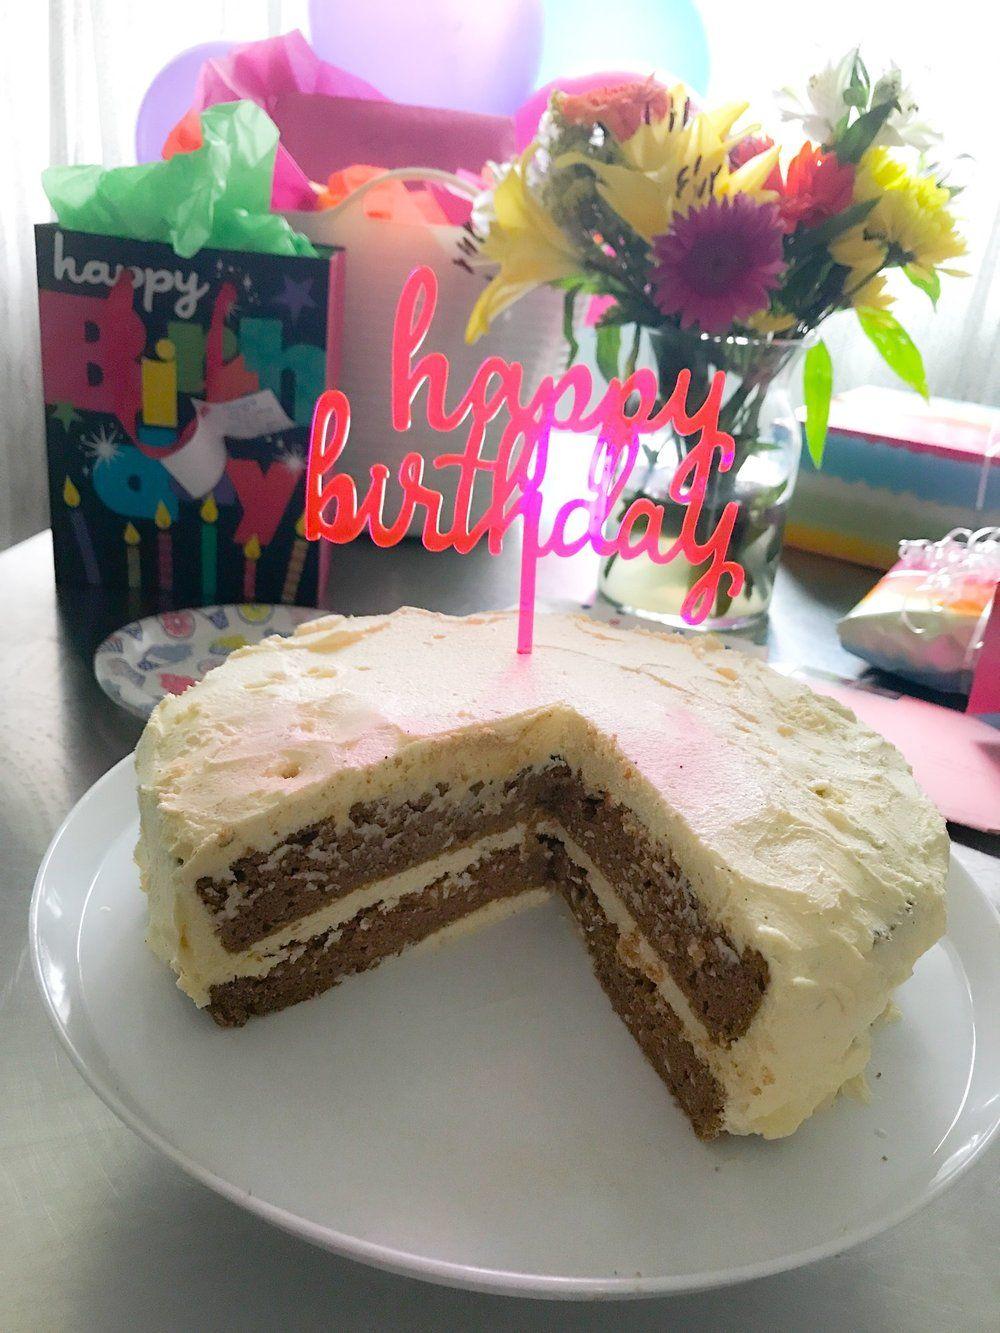 KETO / LOW CARB BIRTHDAY CAKE! Click photo for original